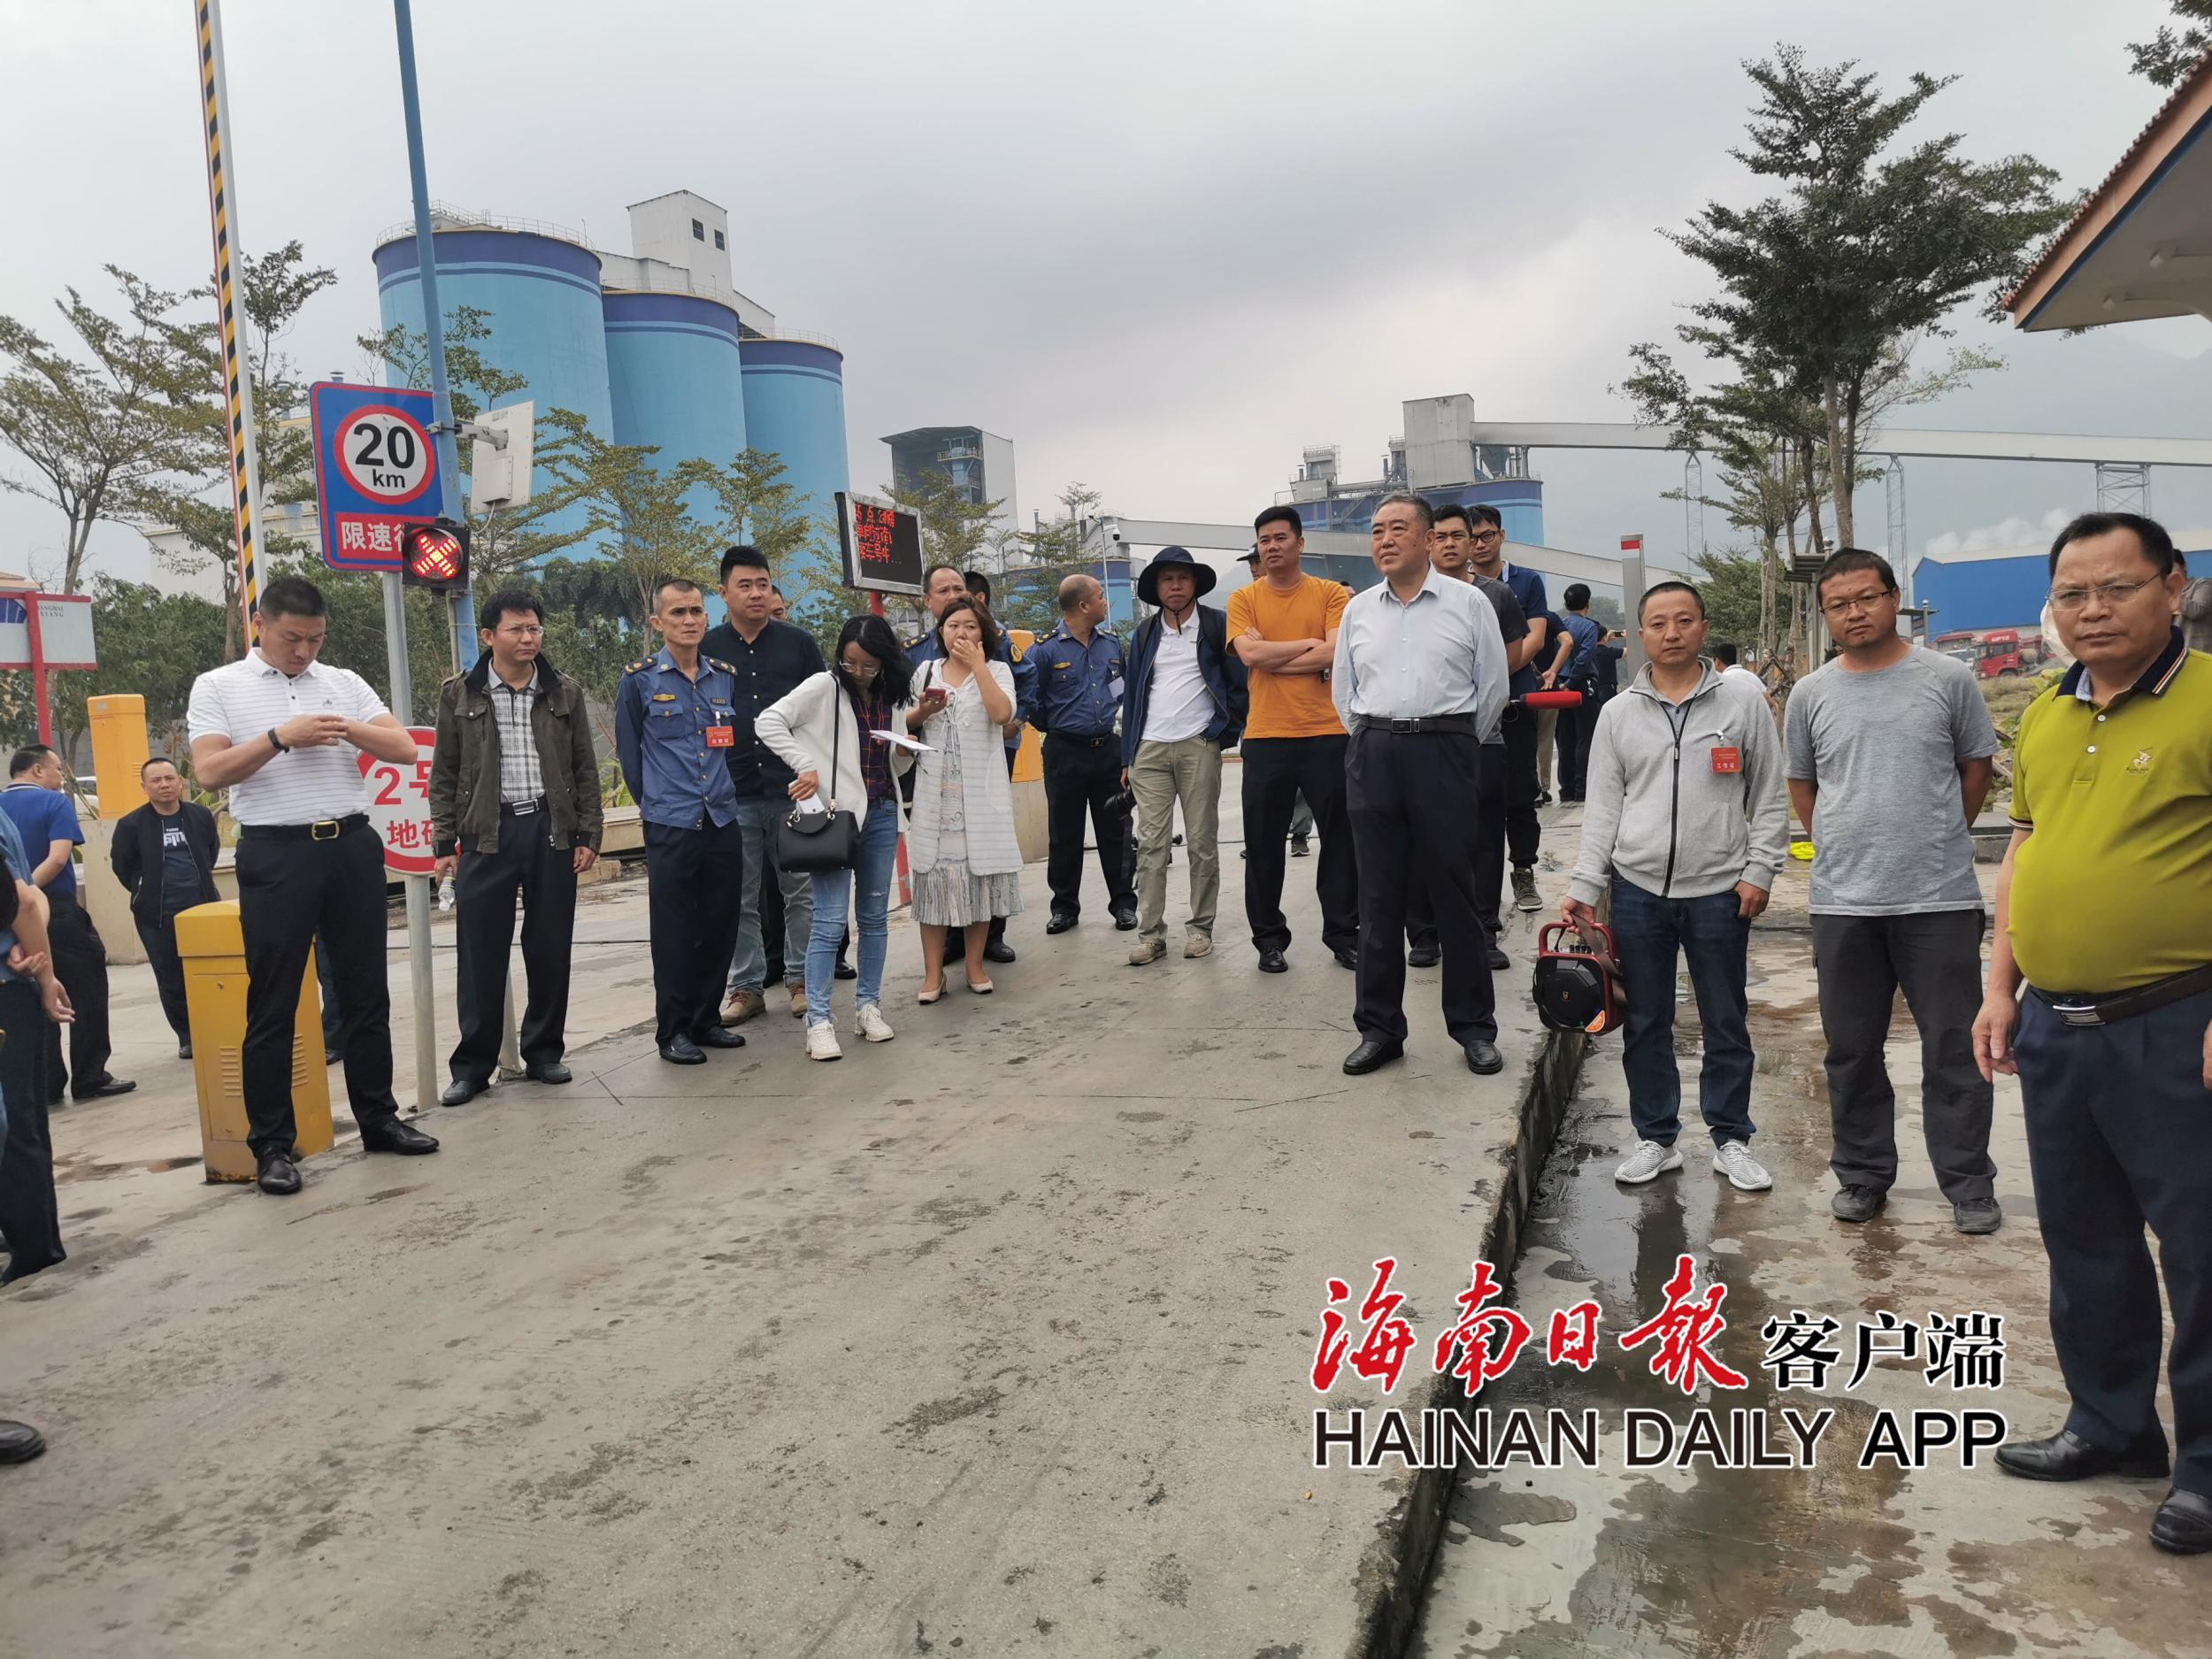 今年以来海南全省查处超限超载违法行为2220余起